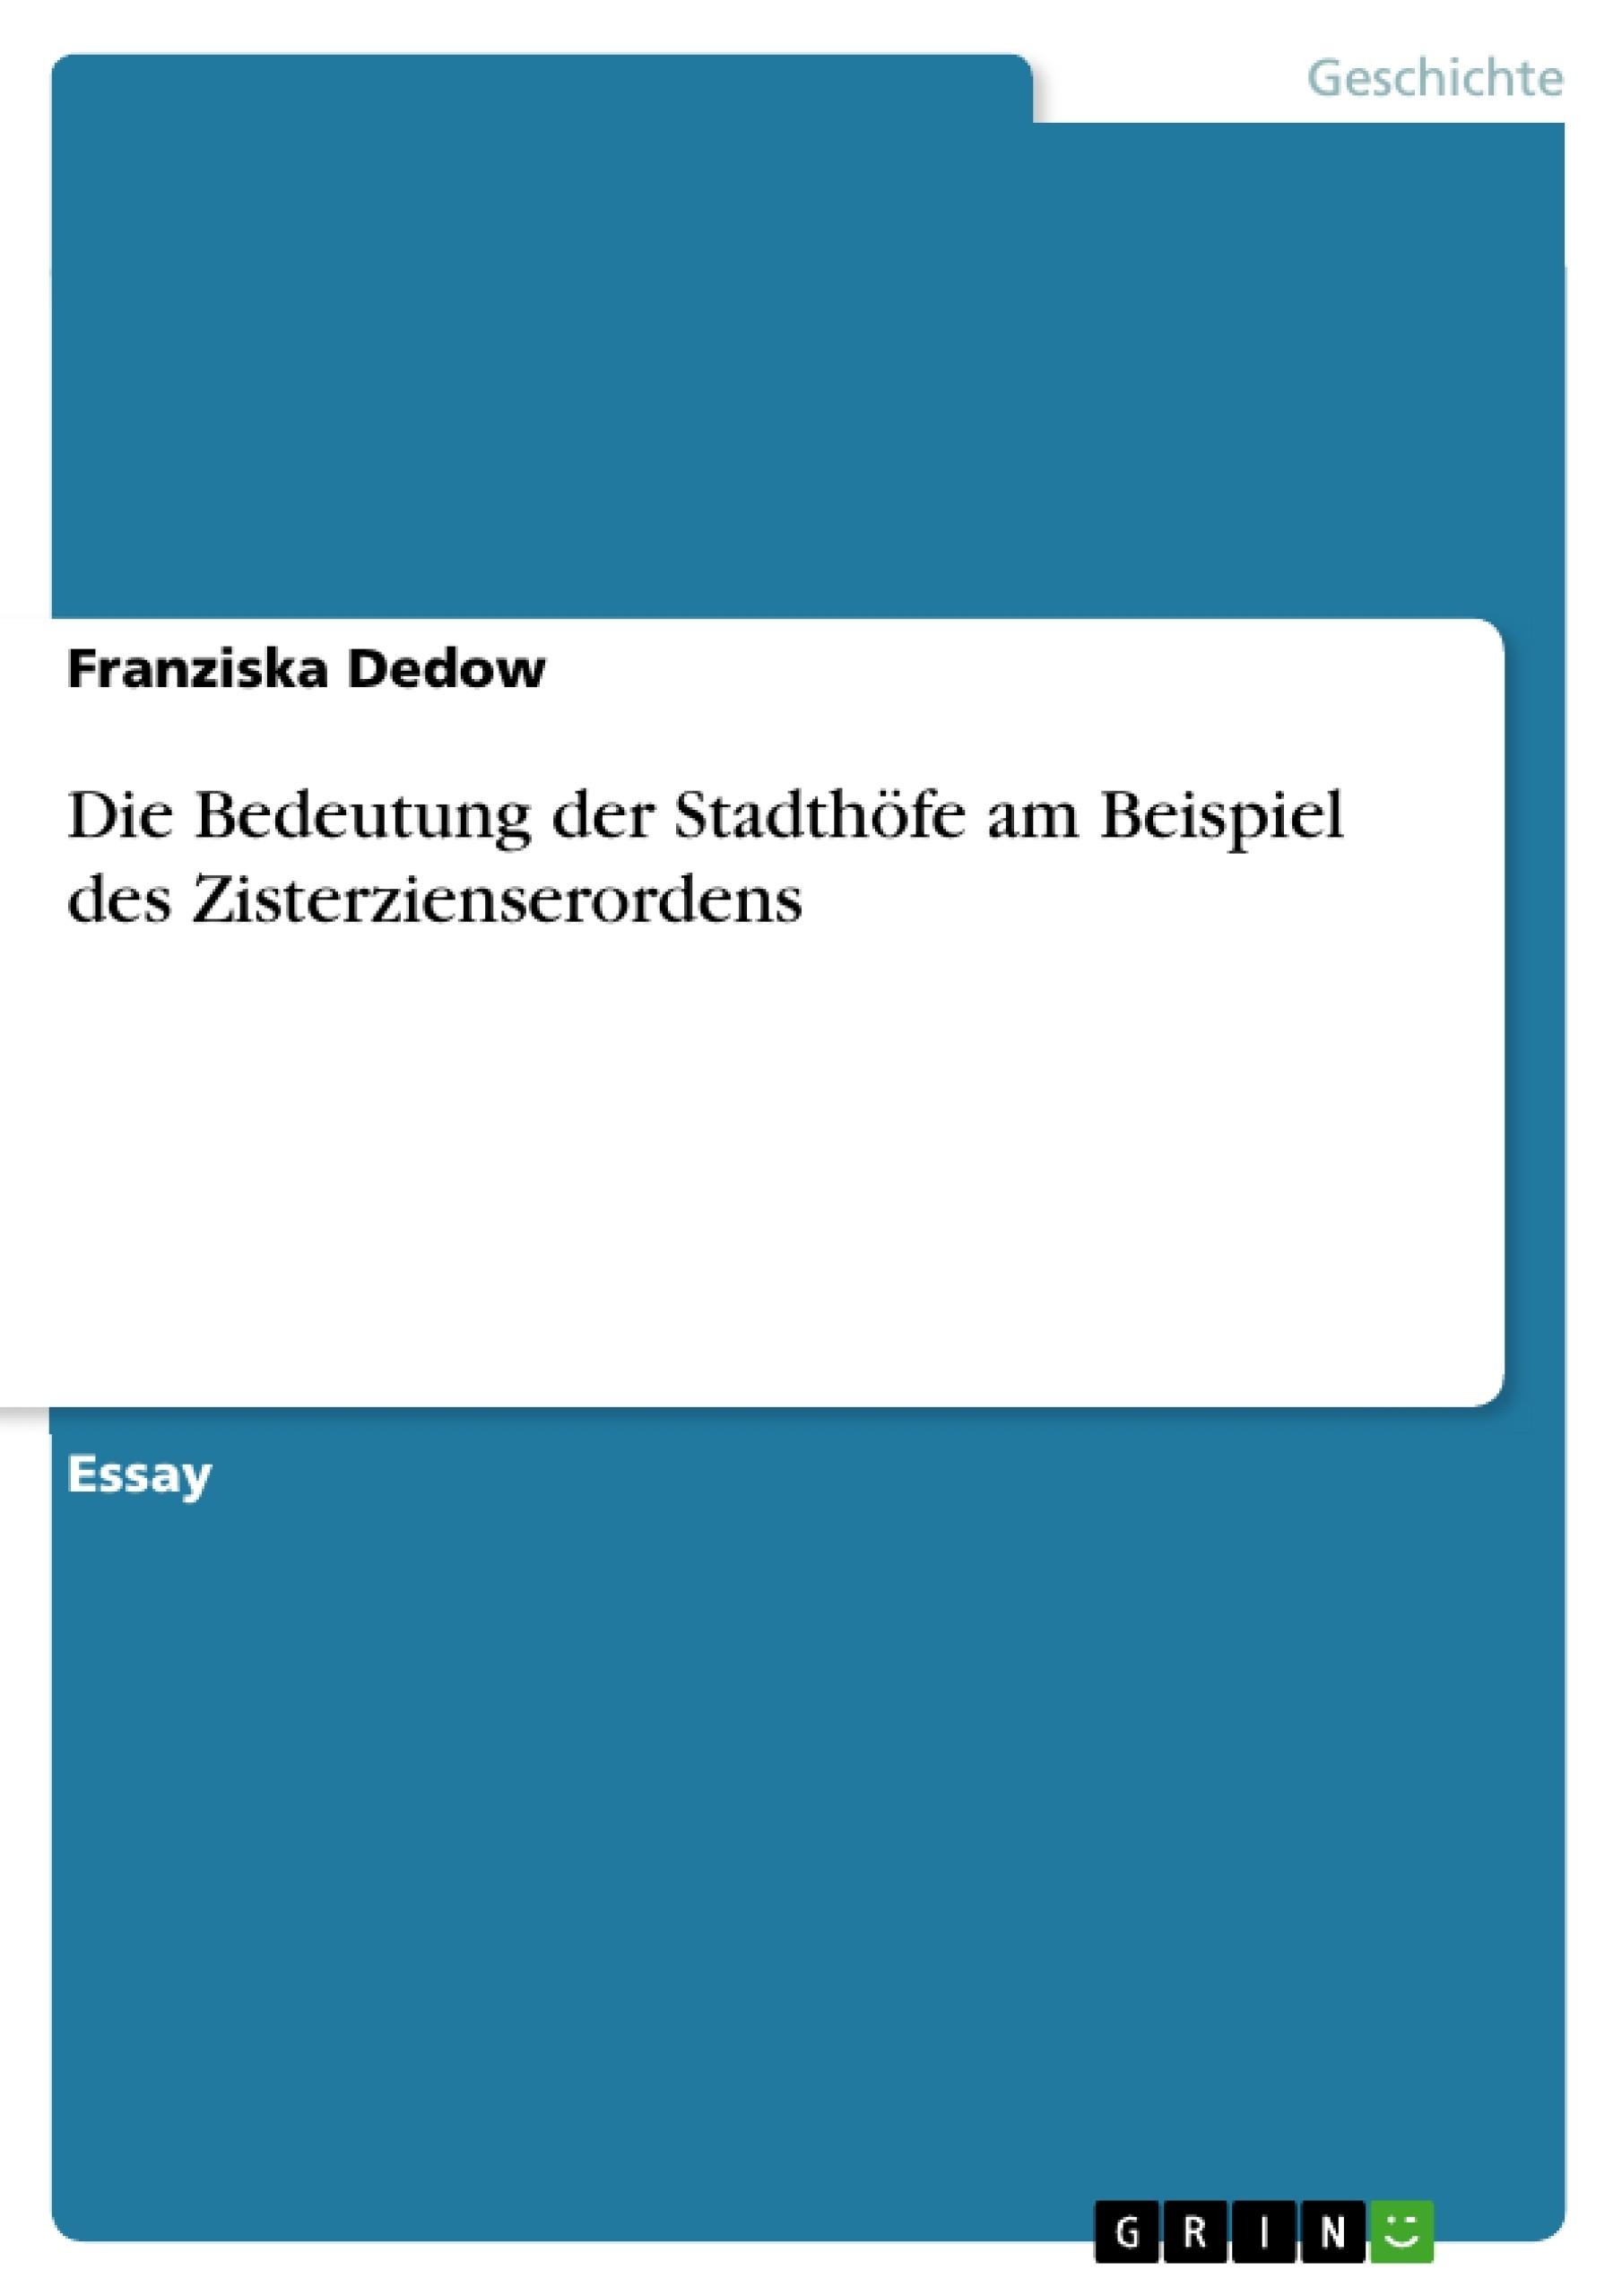 Titel: Die Bedeutung der Stadthöfe am Beispiel des Zisterzienserordens